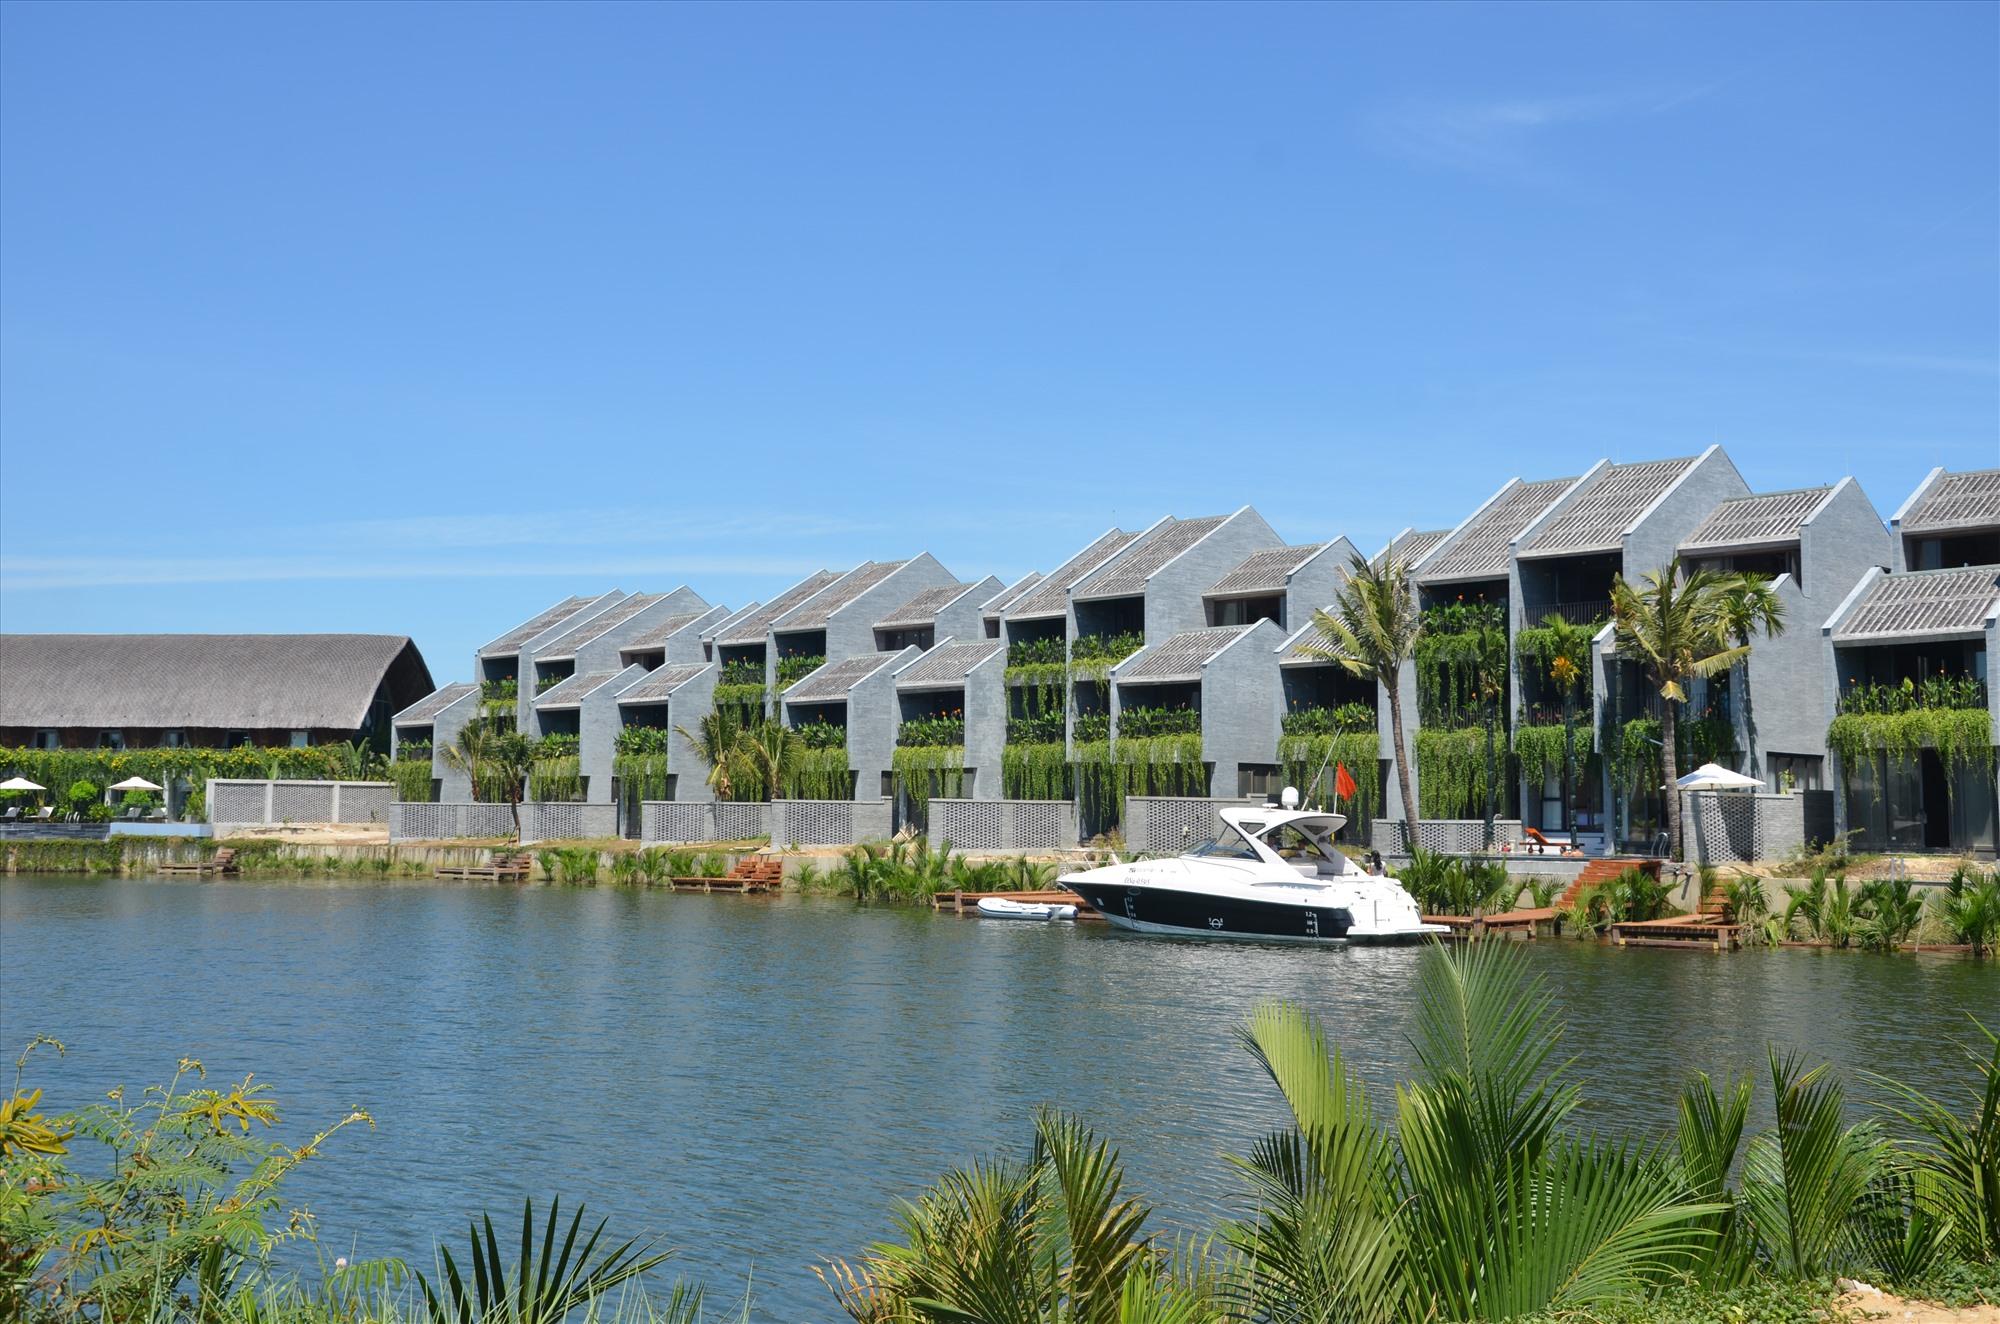 Quảng Nam sẽ phát triển mạnh các dự án nhà ở thương mại. Trong ảnh: Khu đô thị Casimia (xã Cẩm Thanh, Hội An). Ảnh: H.Phúc